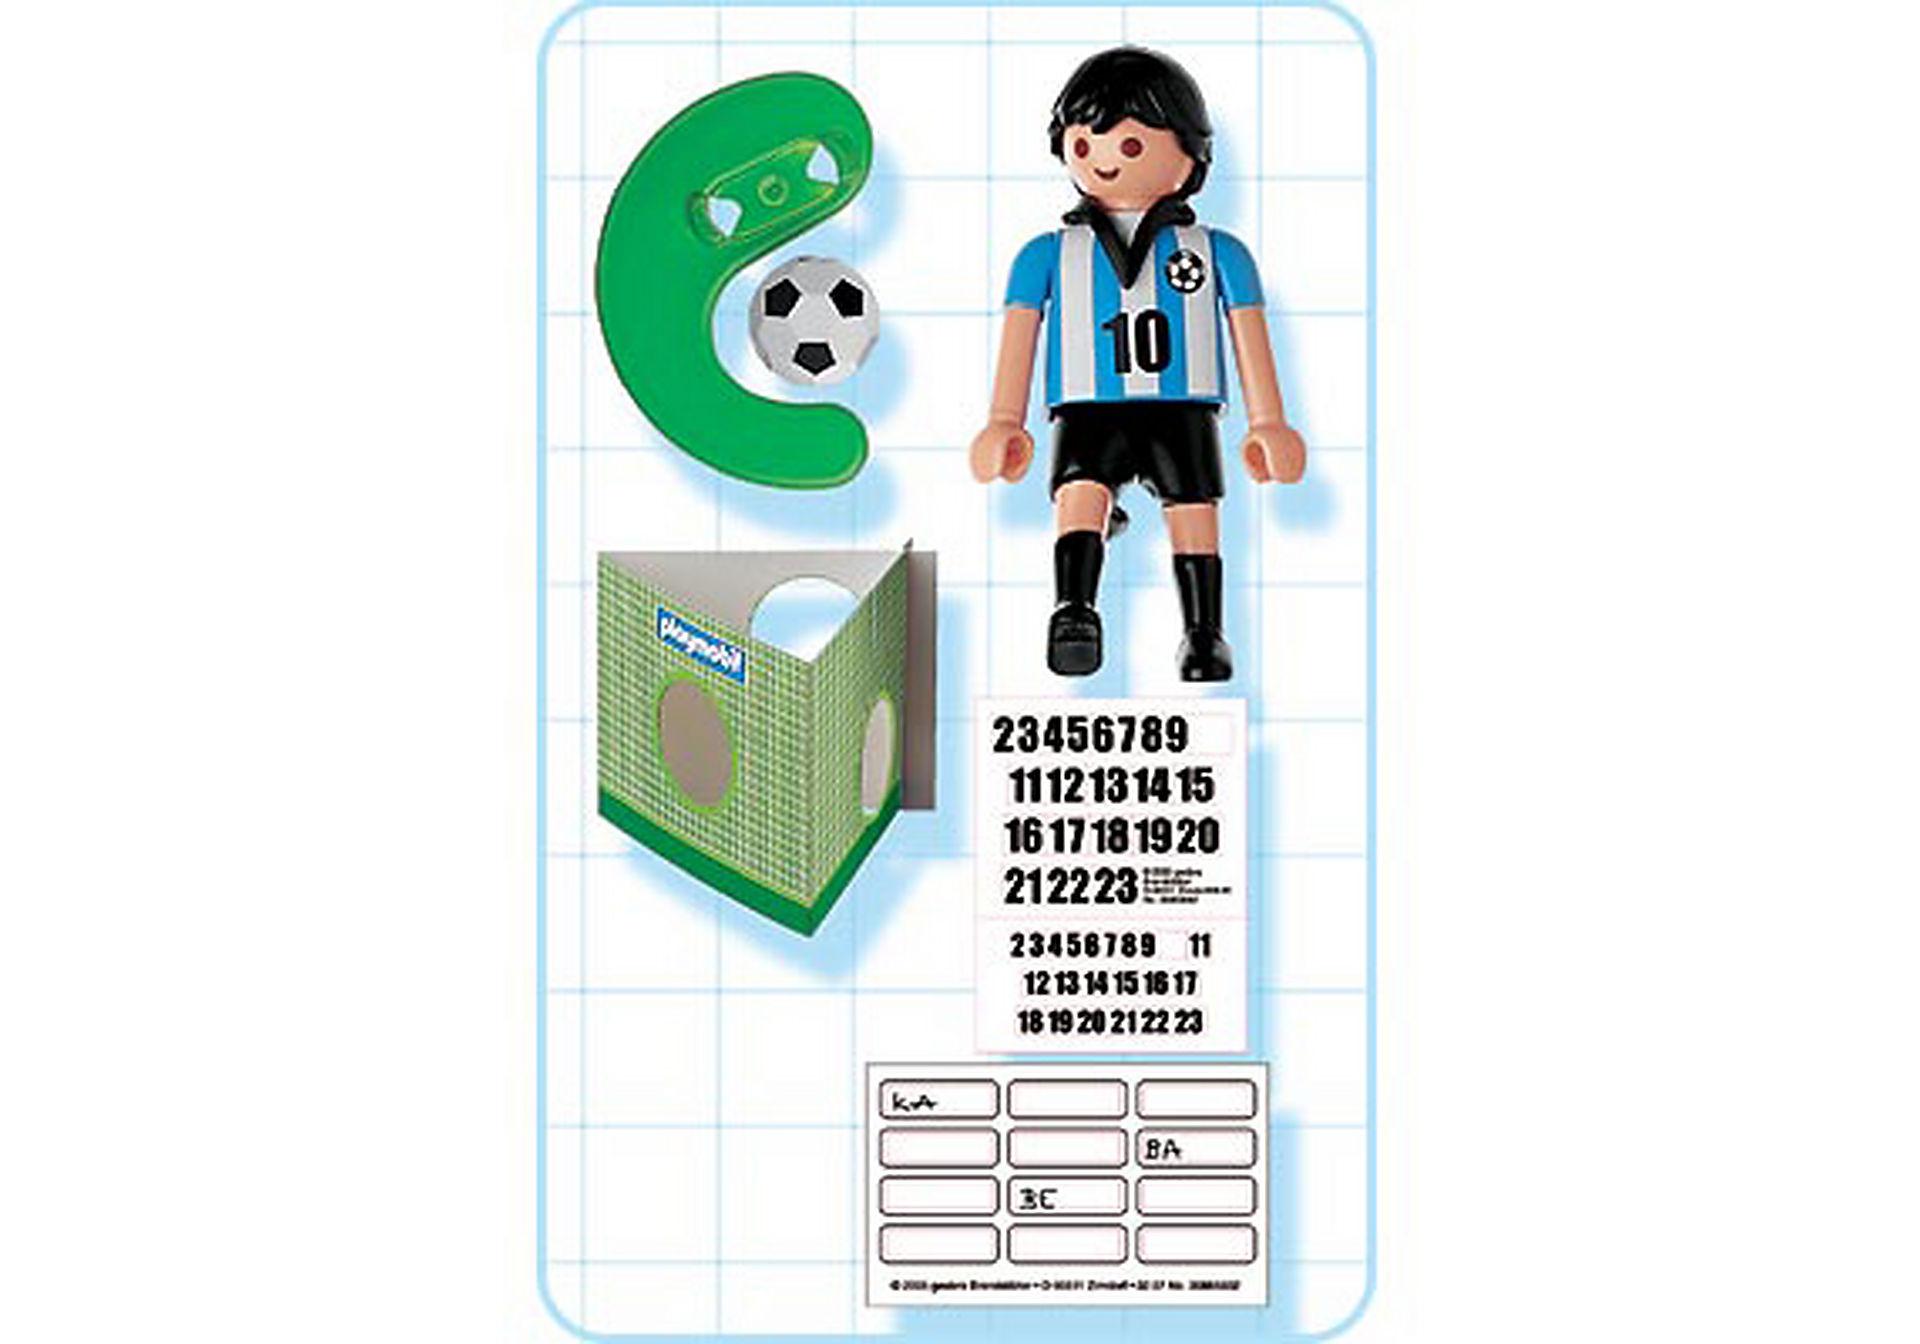 4705-A Fußballspieler Argentinien zoom image2